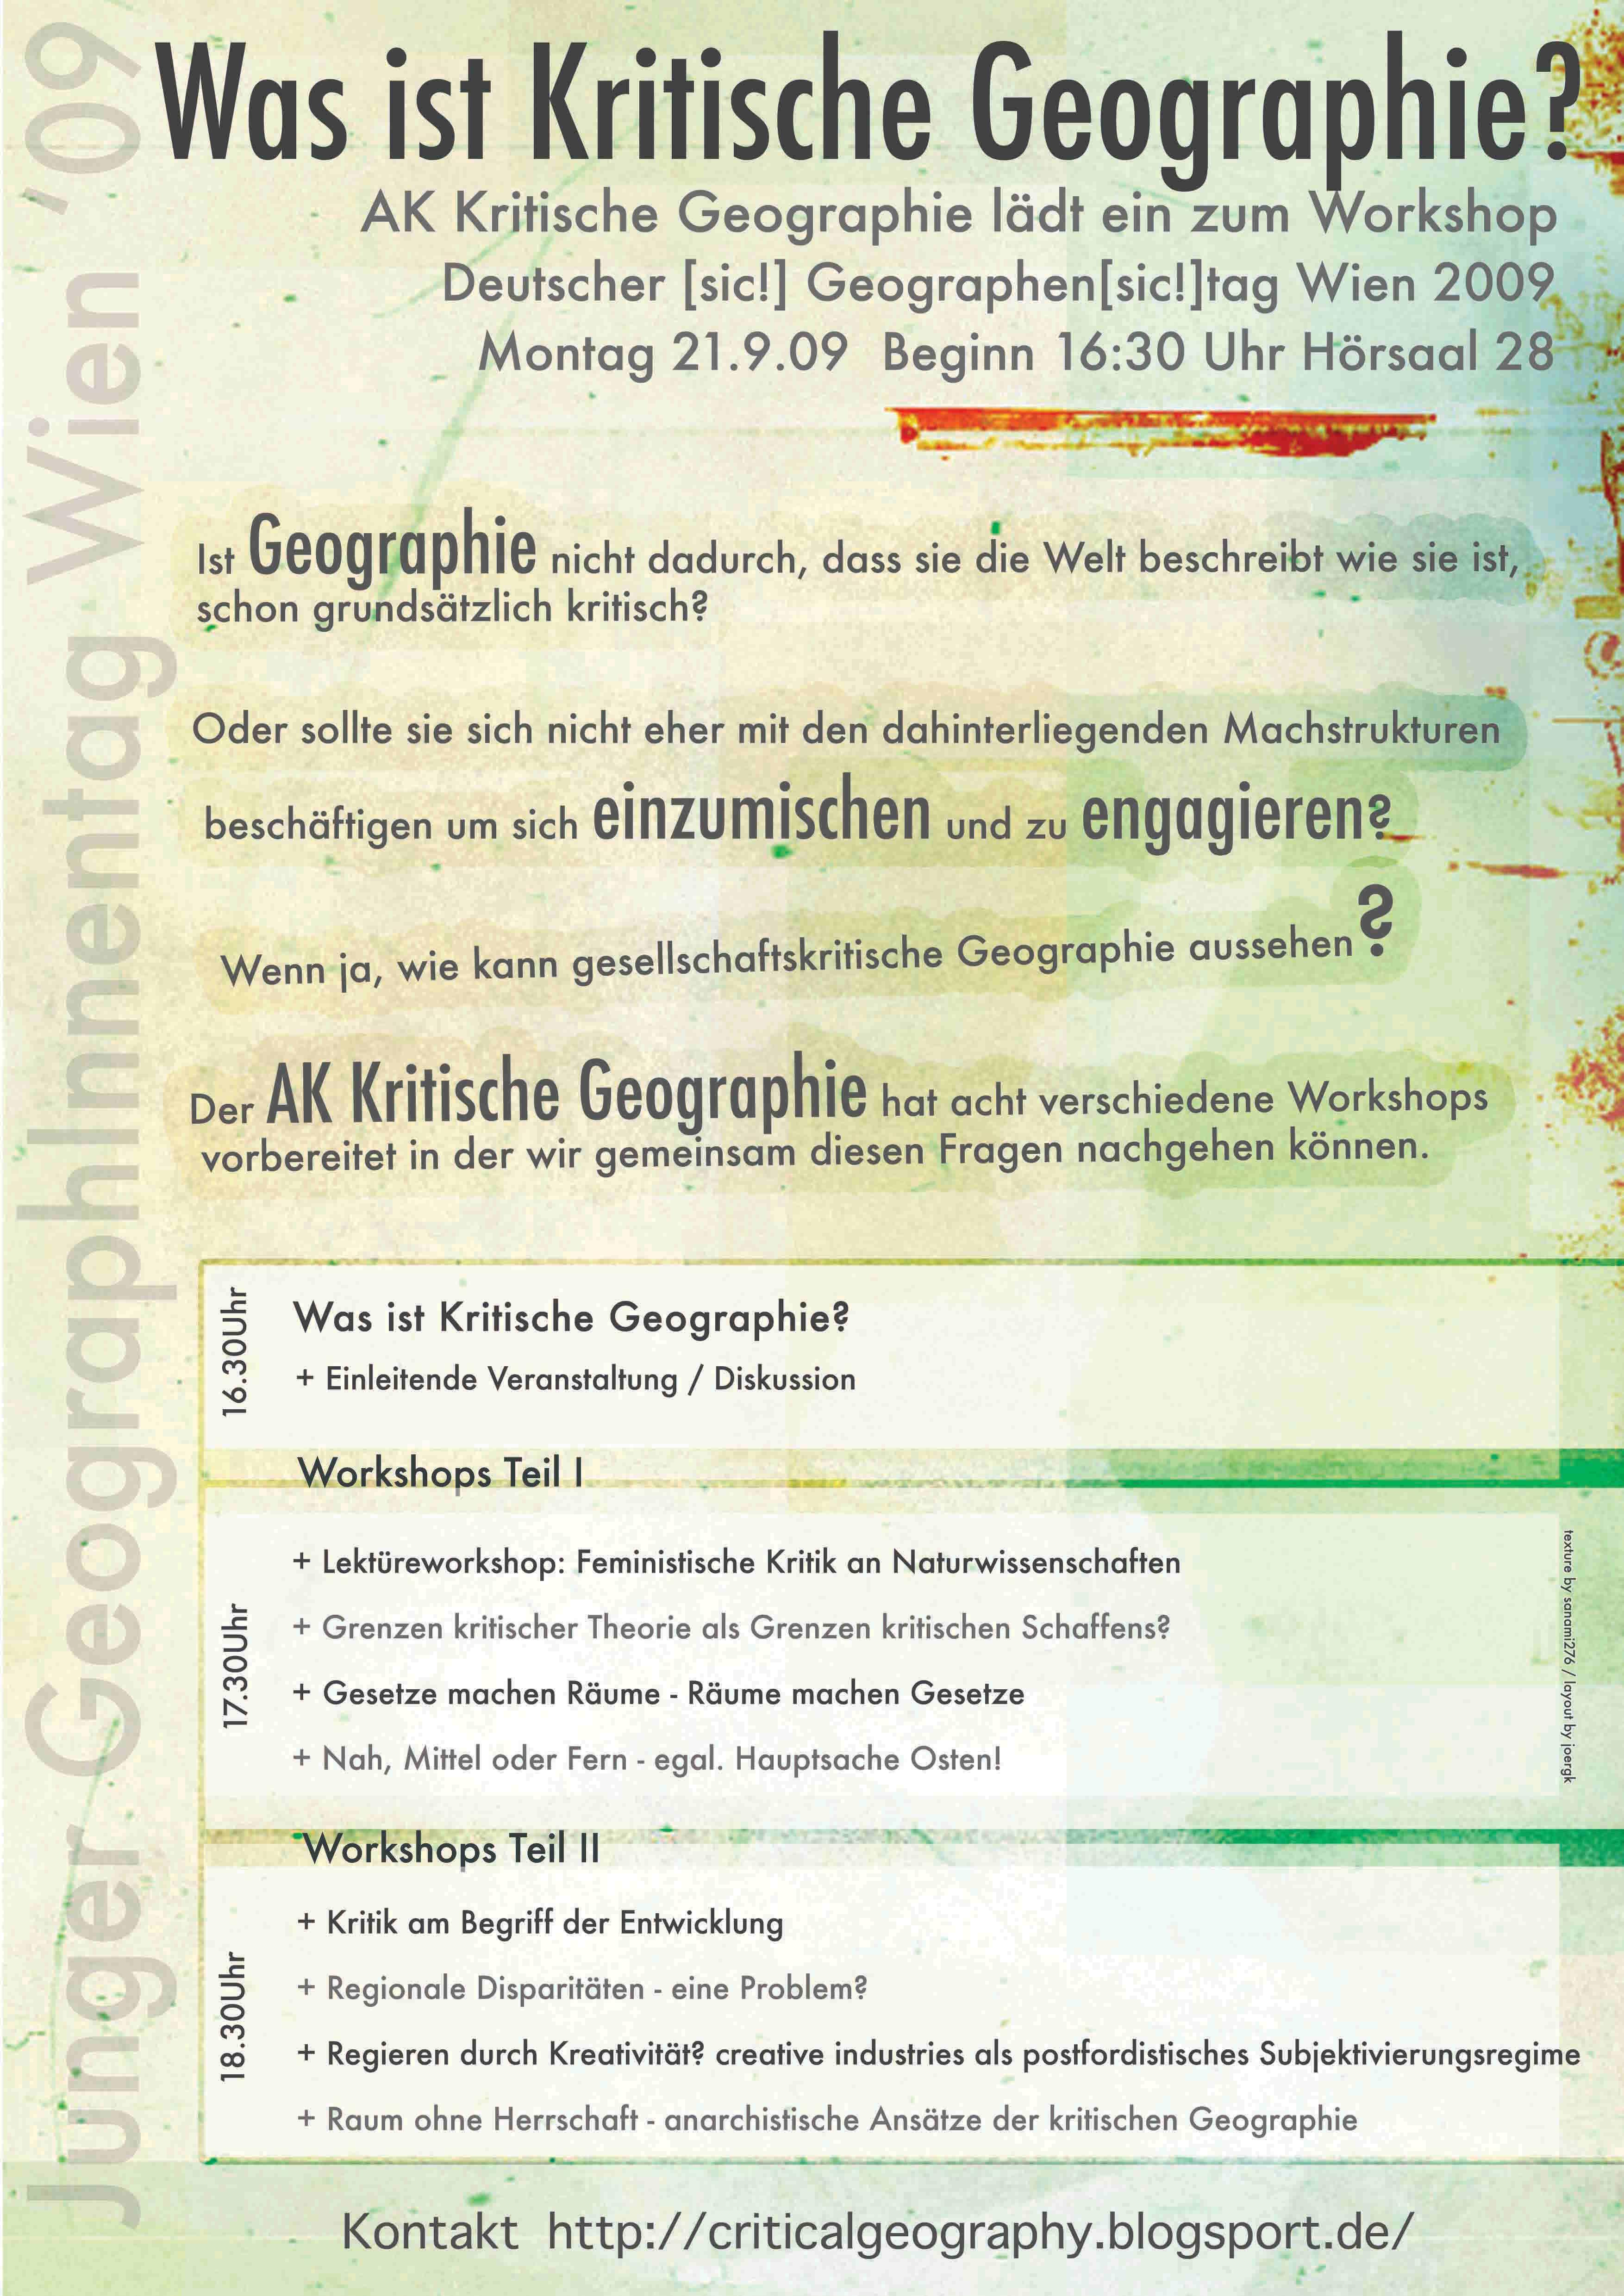 AK Kritische Geographie in Wien